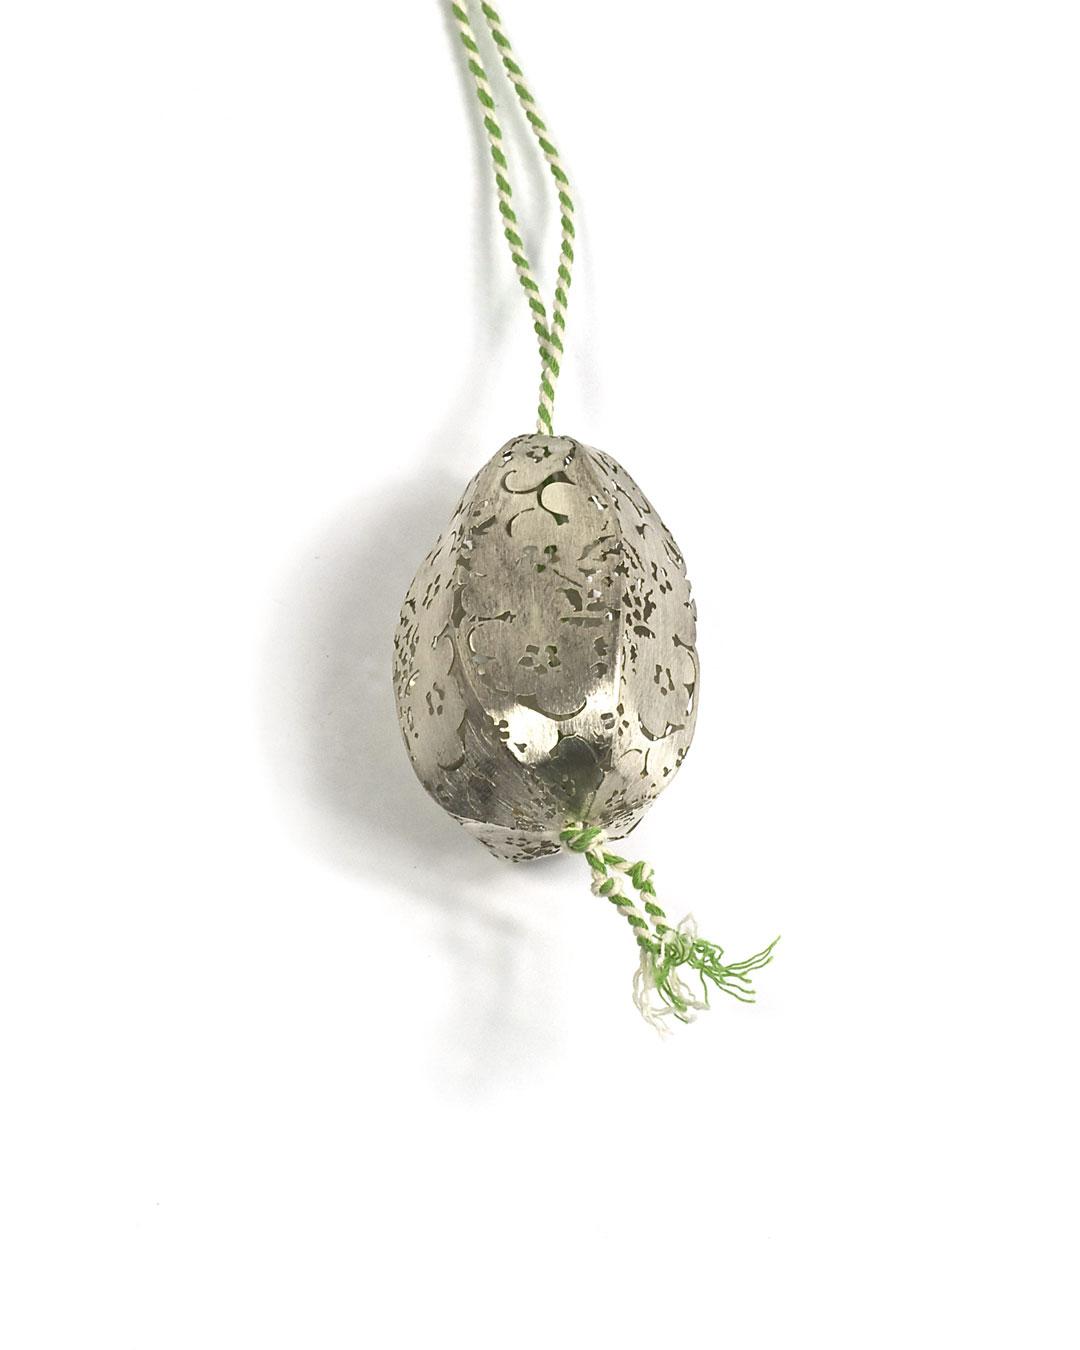 Carla Nuis, Potato, 2010, pendant; silver, cotton, various sizes, €560